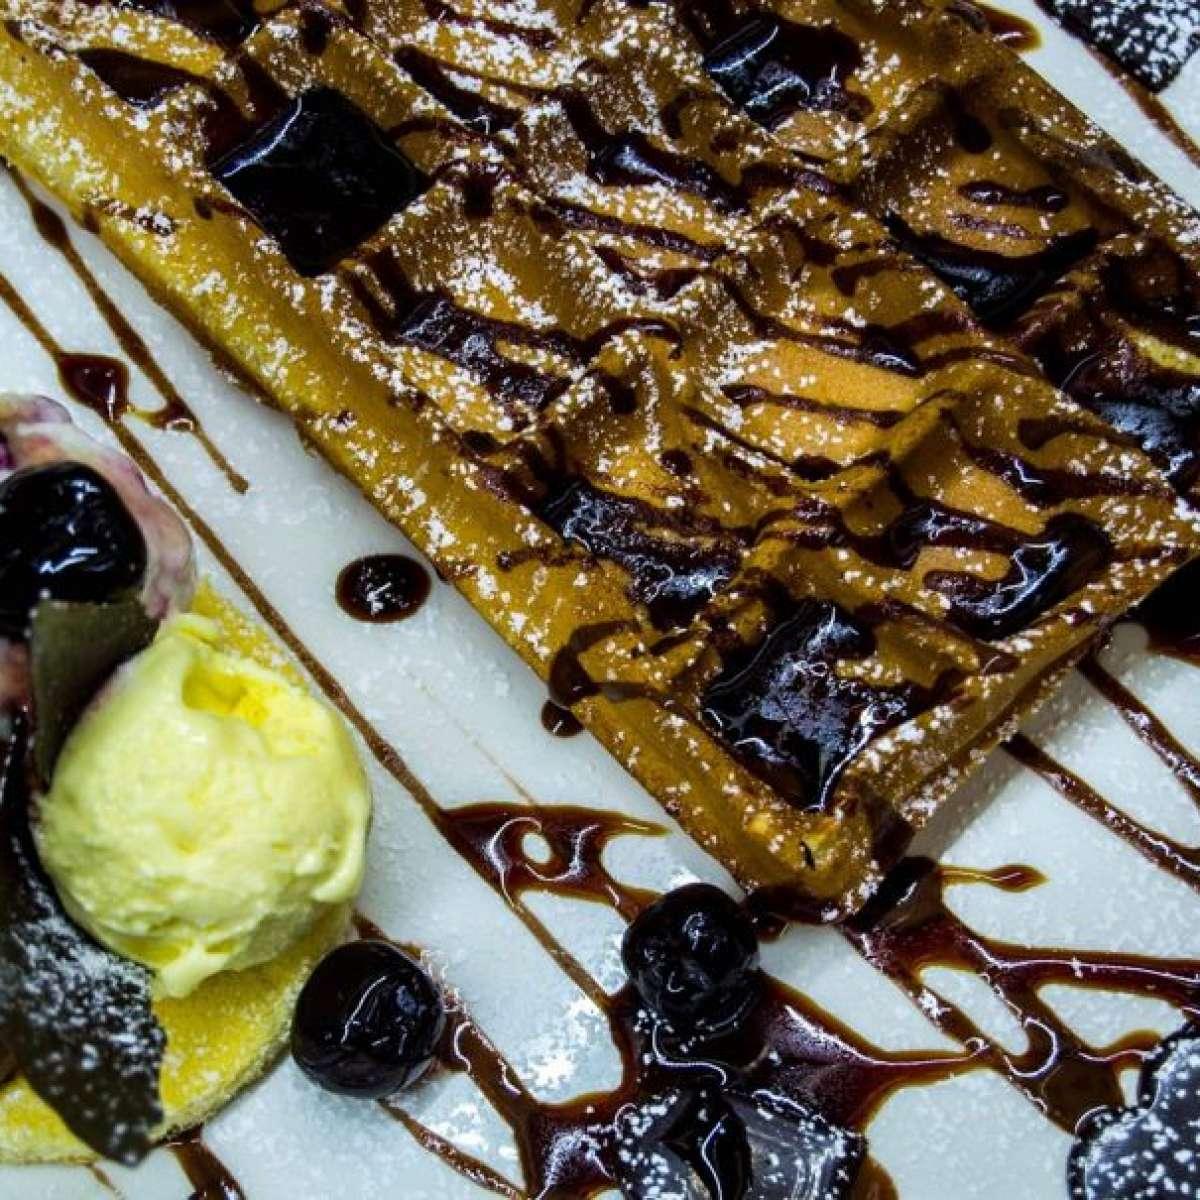 Ispirazioni nordiche, waffle e gelato!